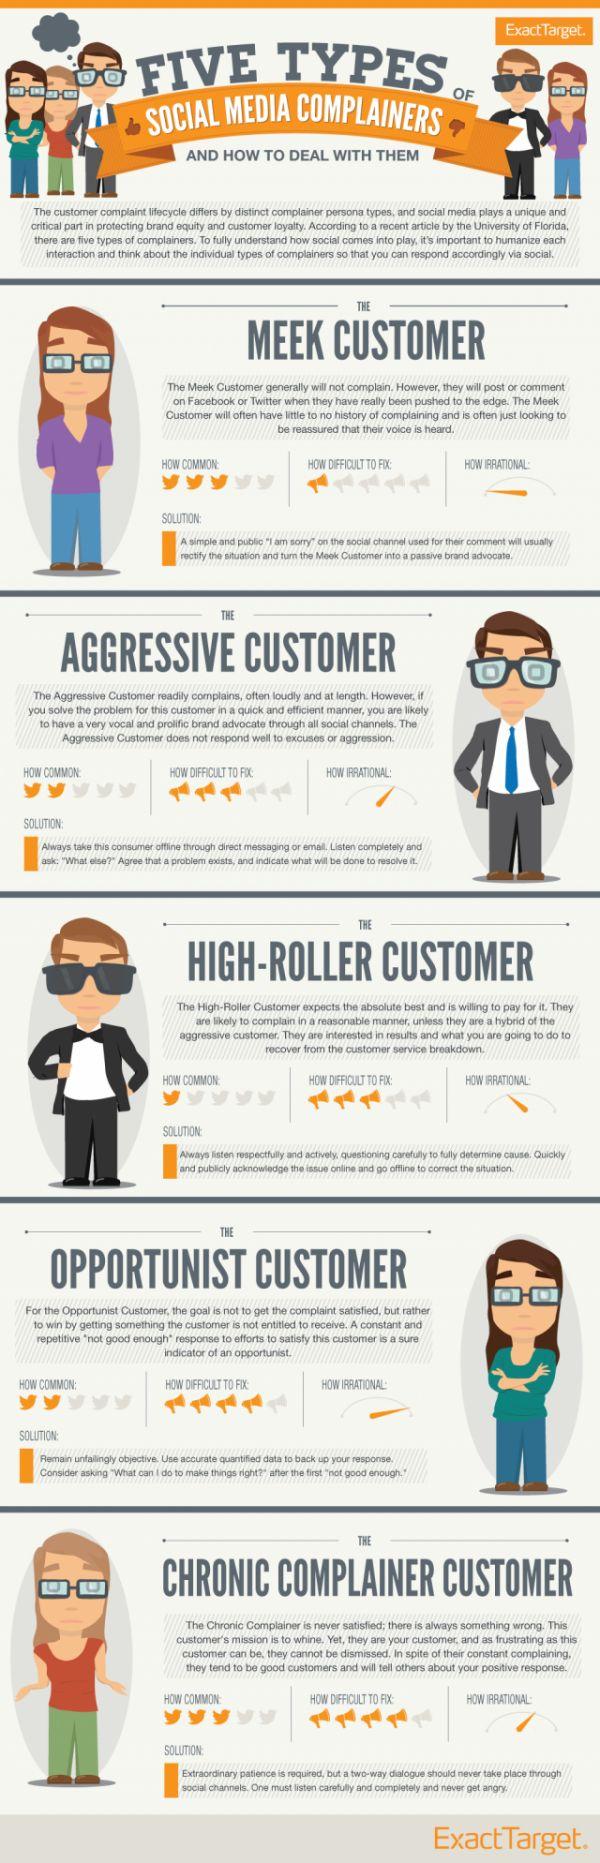 Sosiale medier spiller en kritisk rolle når det gjelder å opprettholde kundenes lojalitet. Denne infografikken gir deg 5 raske tips!